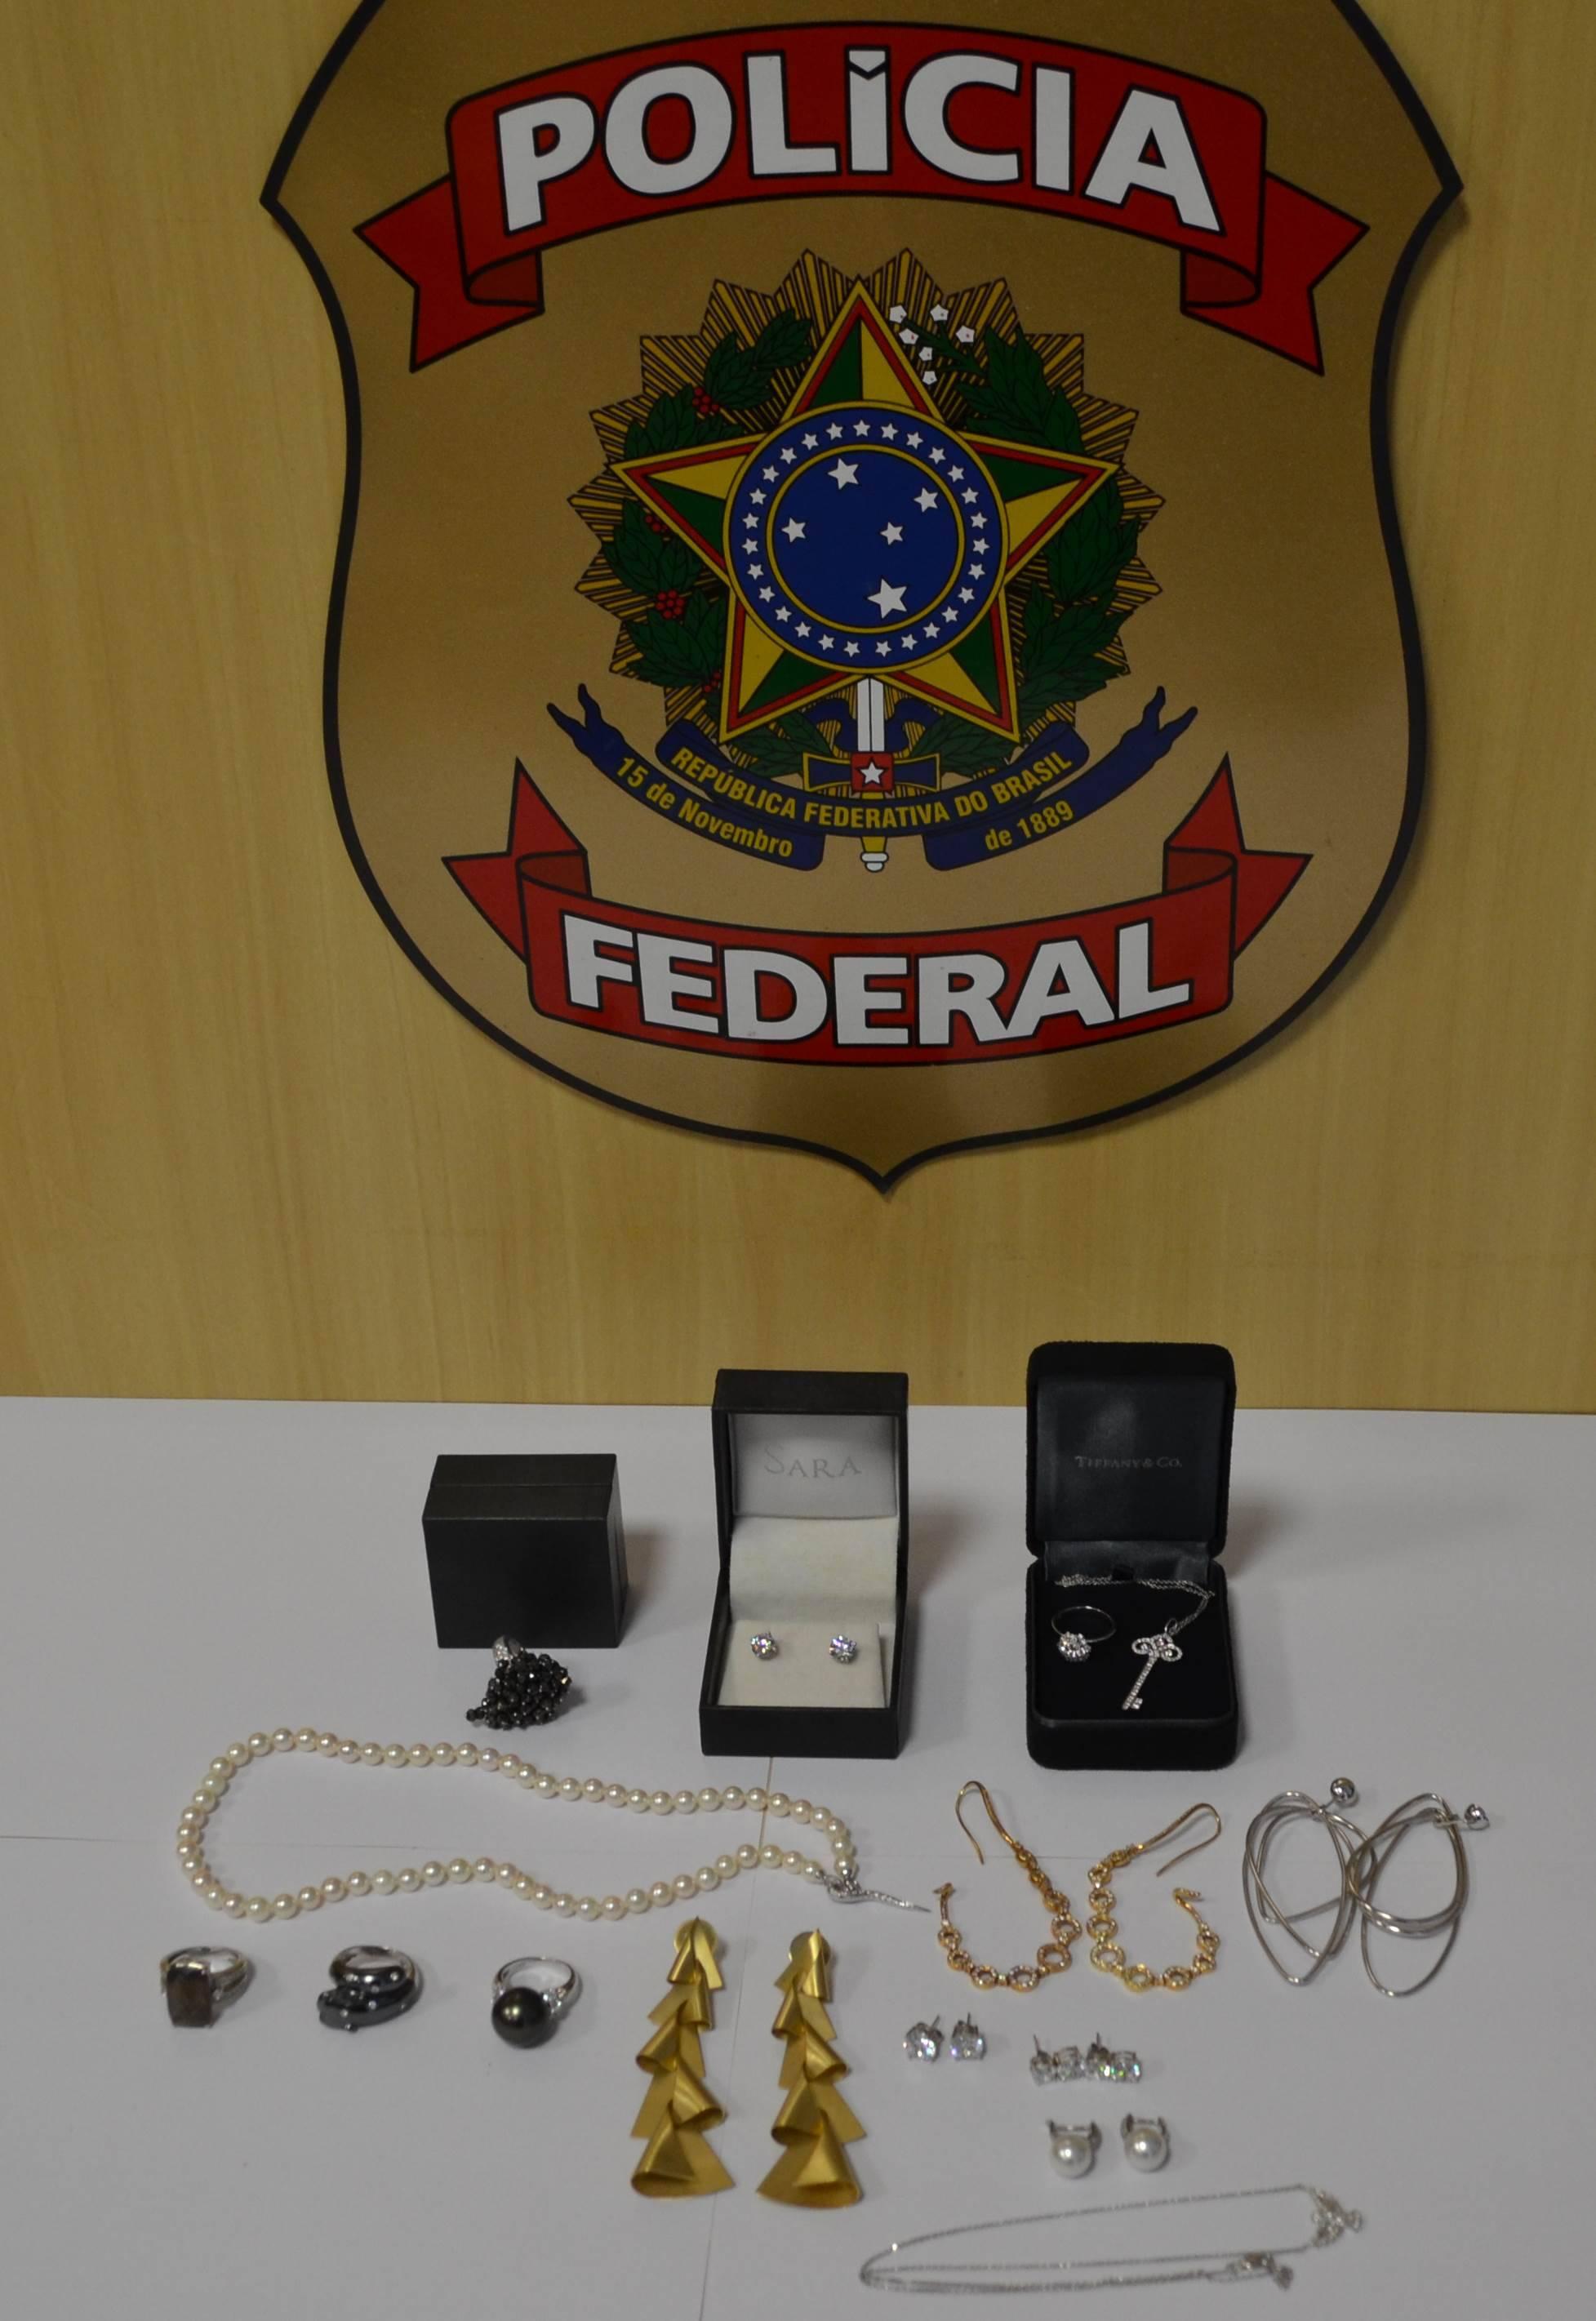 Joias de Adriana Ancelmo foram apreendidas pela Polícia Federal no Rio de Janeiro em 23 de junho. Foto: Divulgação/Polícia Federal